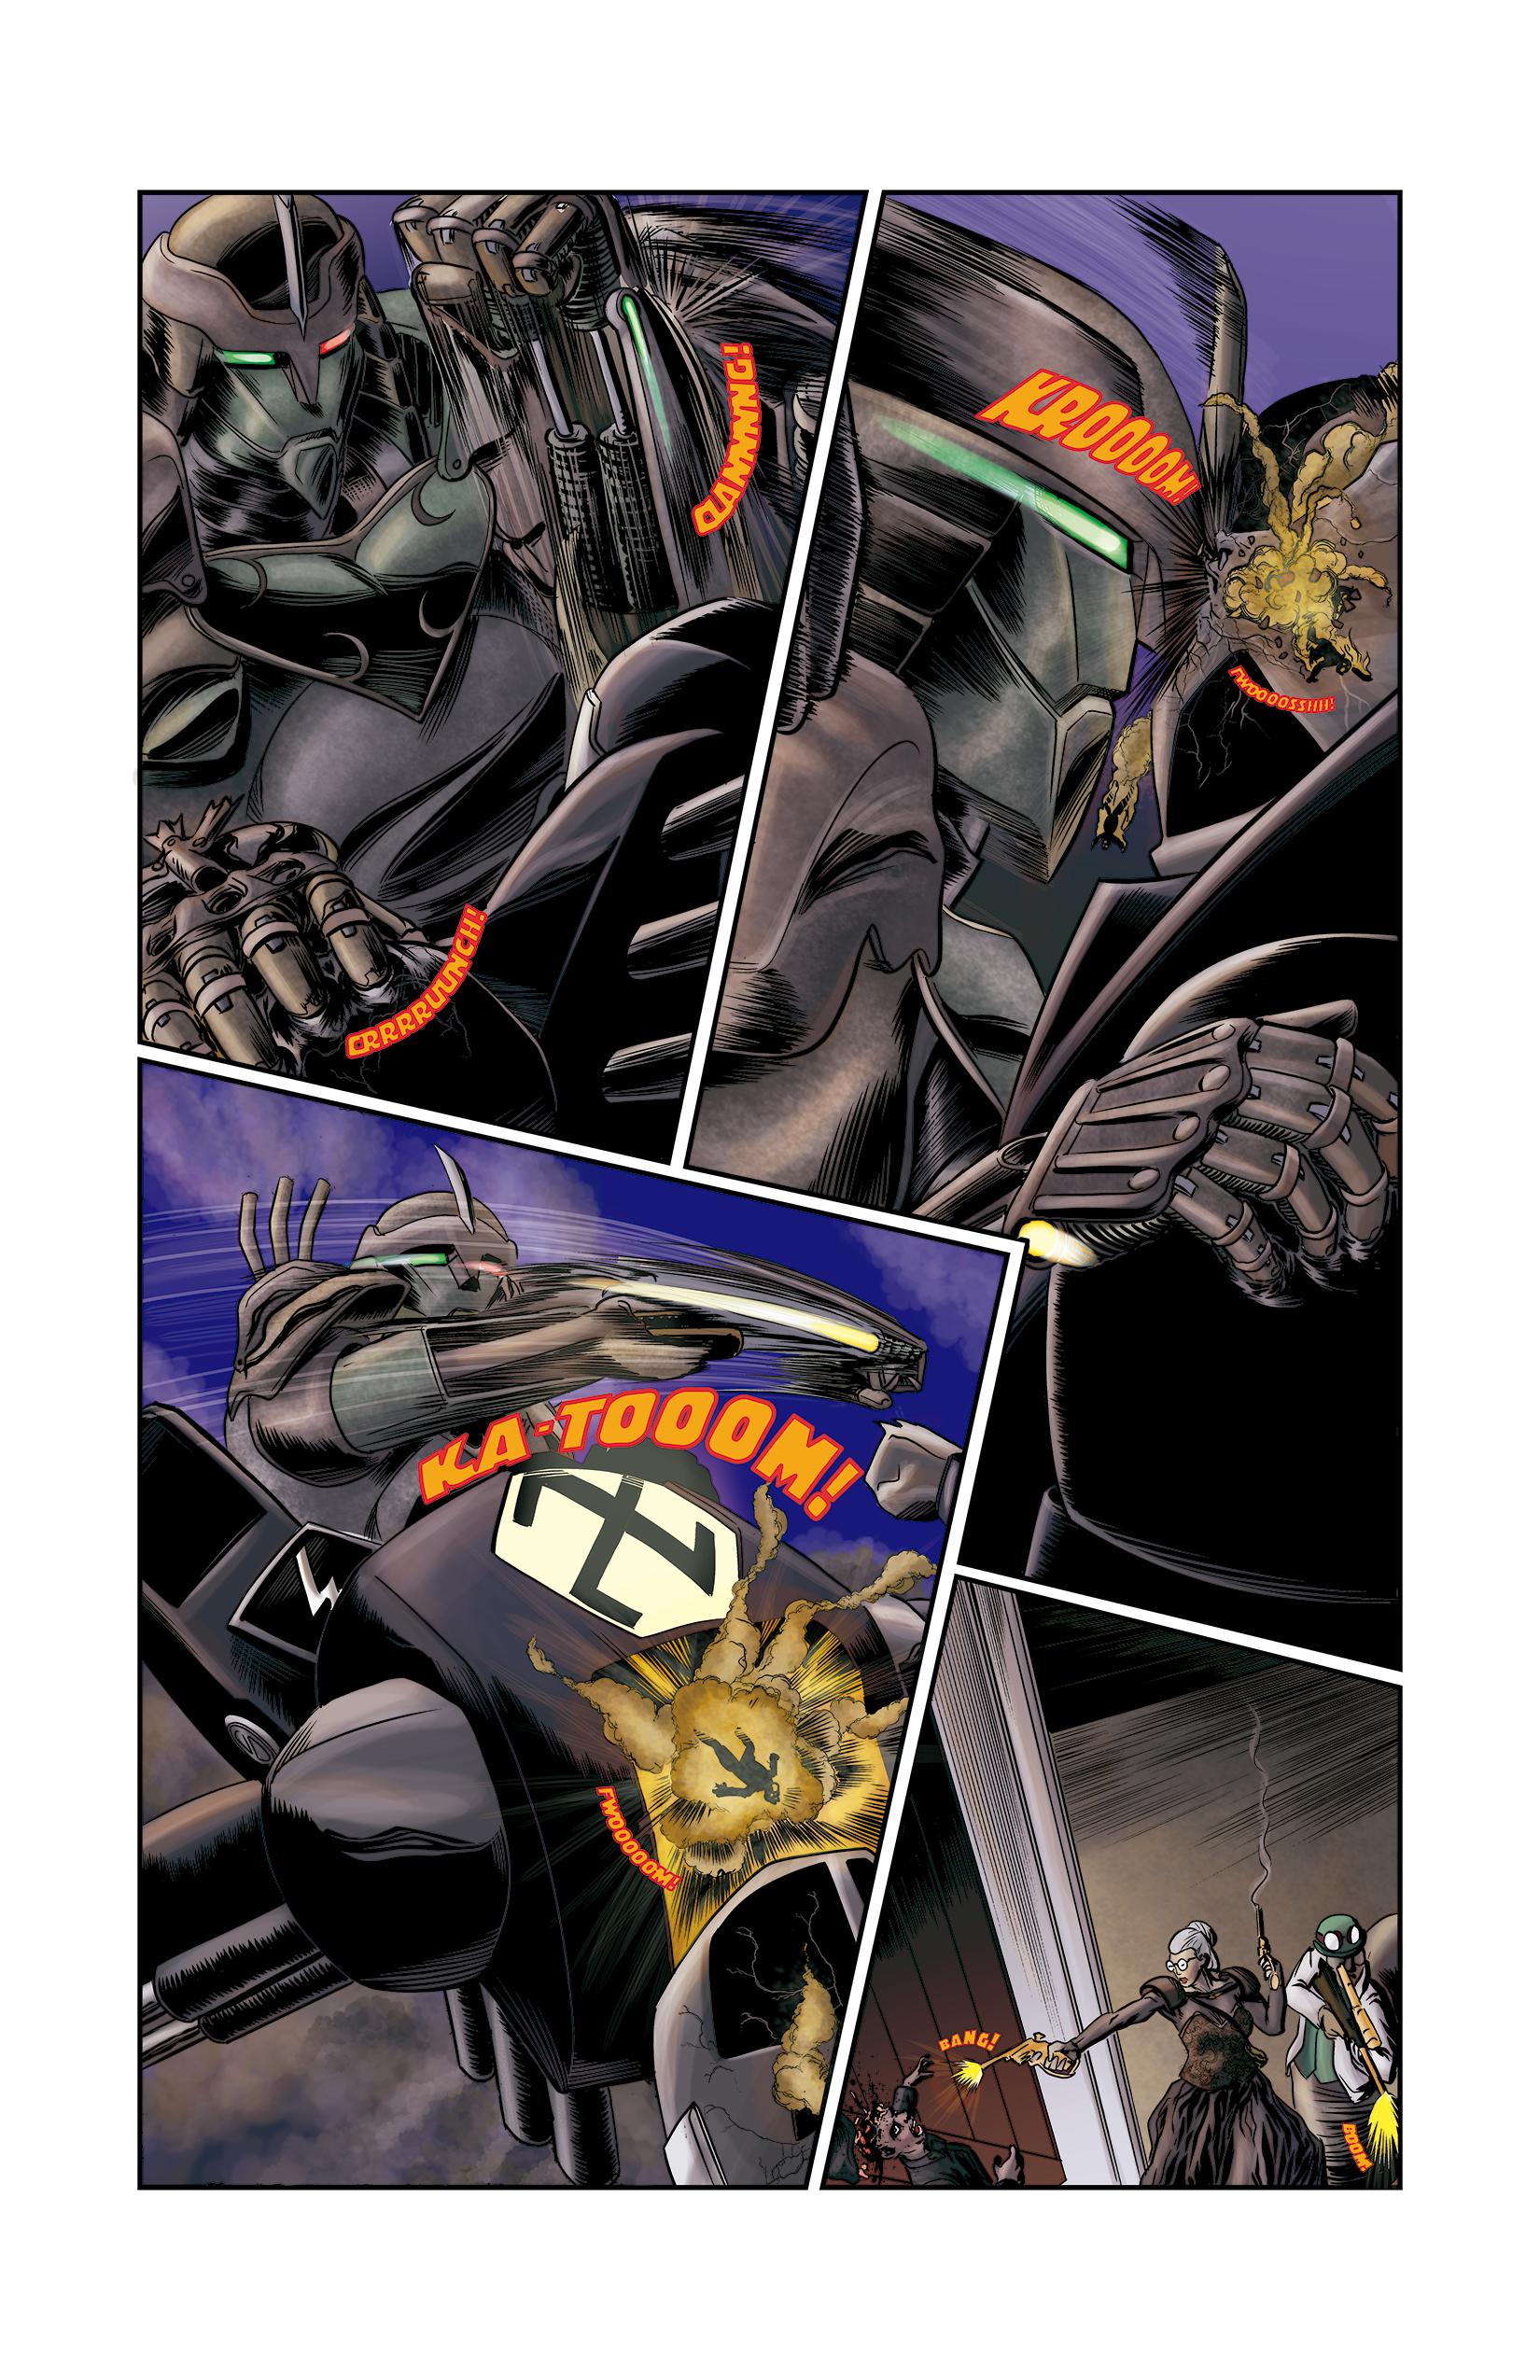 """Página 9 de """"E.M.1 L 1.4"""", da antologia RANCHO DO CORVO DOURADO, de 2019. Linhas e colorização."""